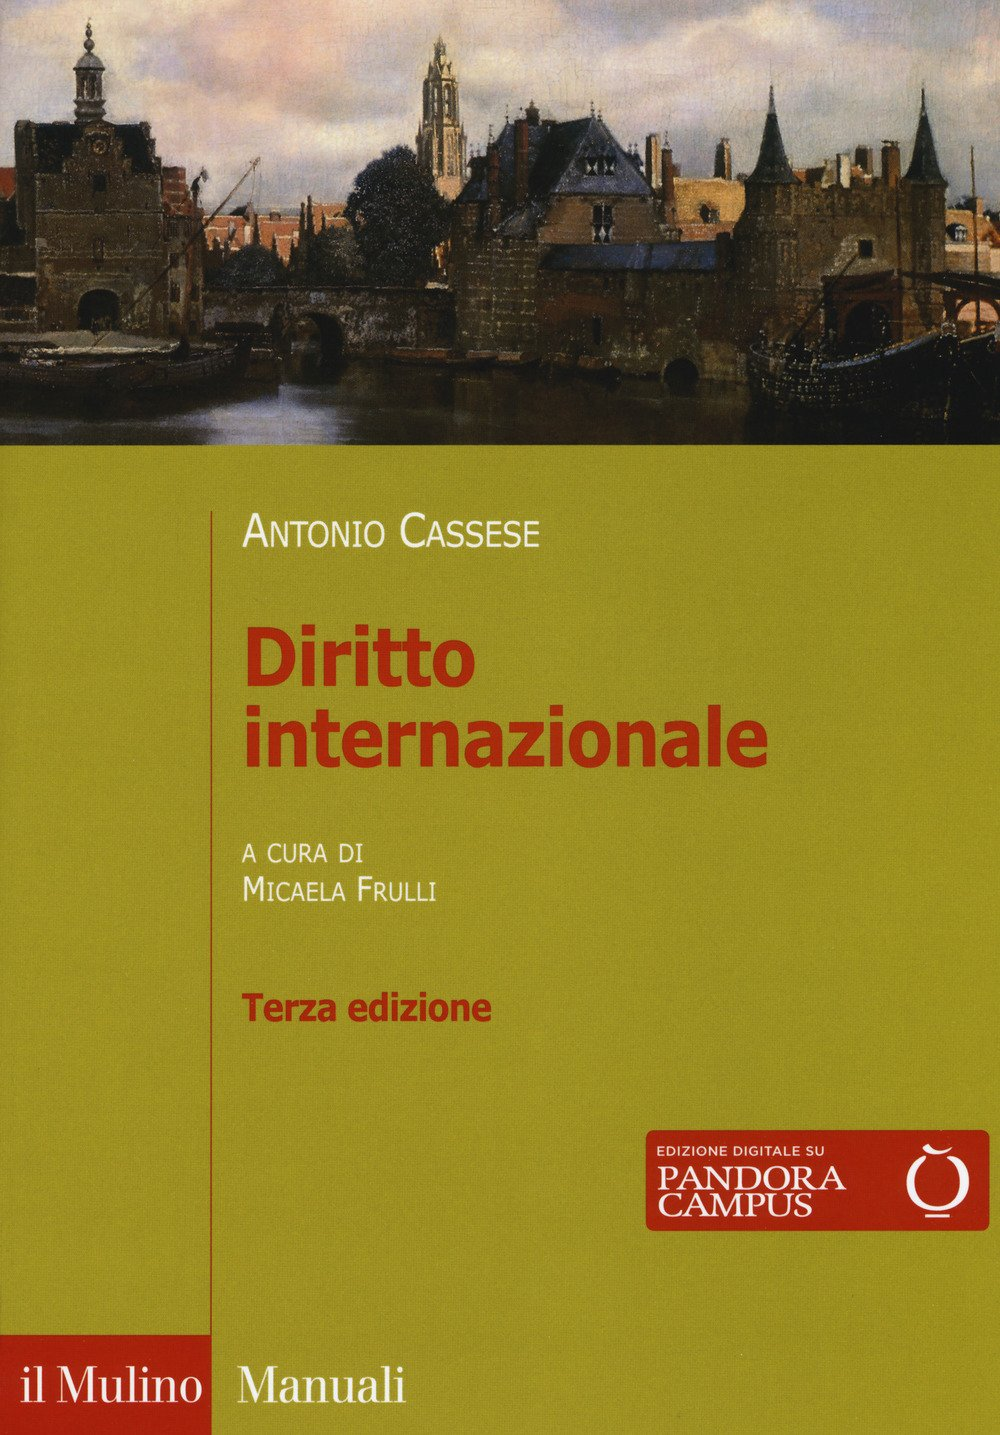 Diritto internazionale Copertina flessibile – 26 set 2017 Antonio Cassese M. Frulli Il Mulino 8815272275